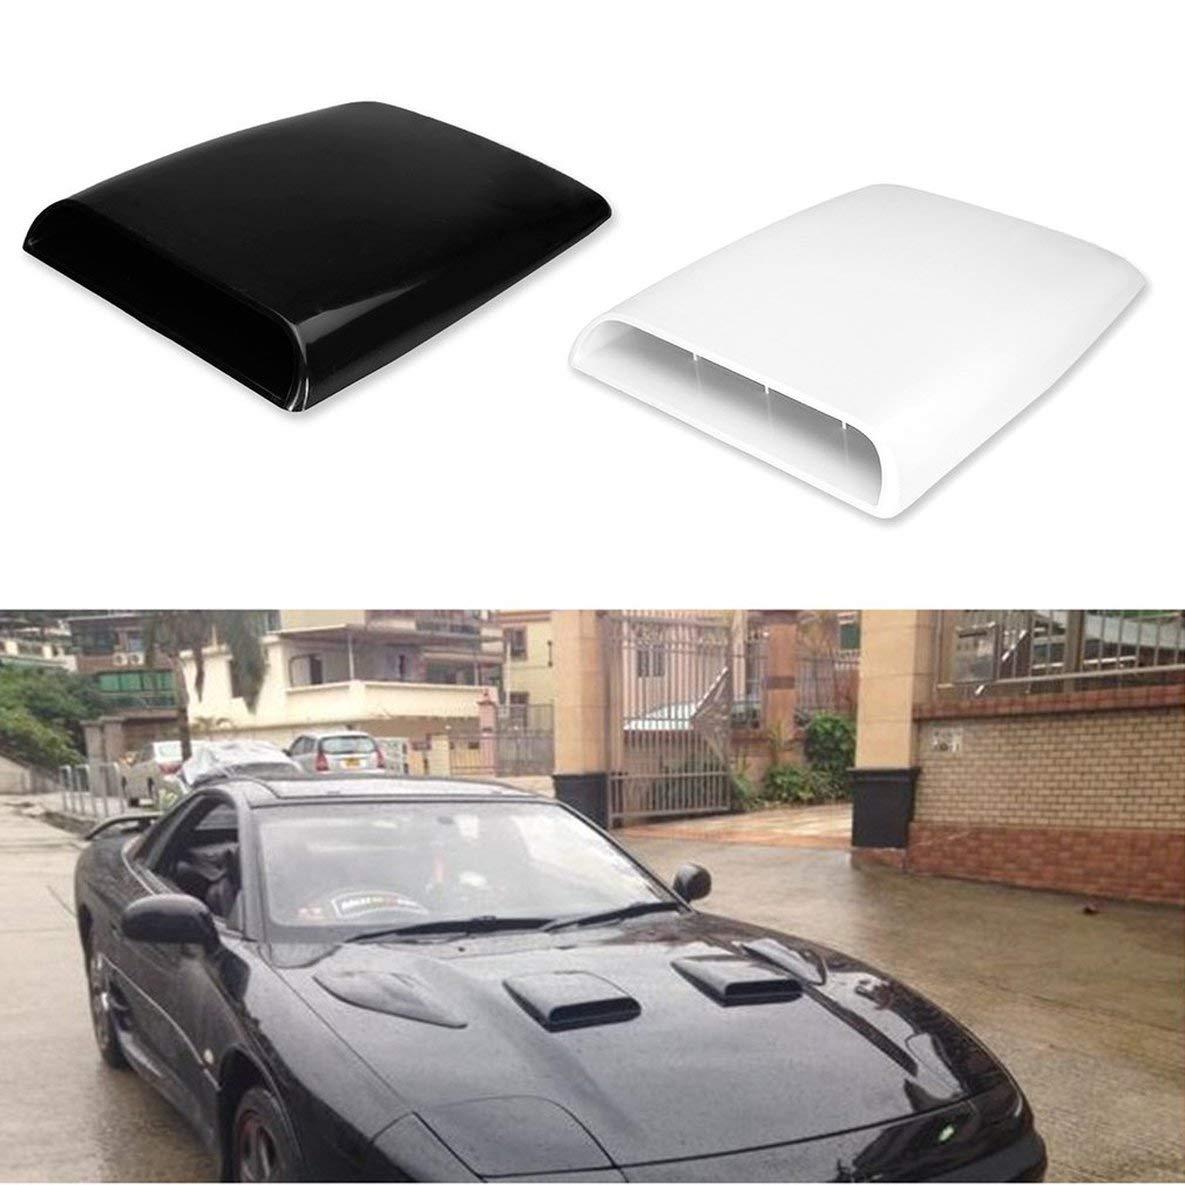 Pratico accessorio universale per auto 4x4 flusso daria cappa aspirante cofano cofano decorativo ABS sfiato decalcomania accessorio auto